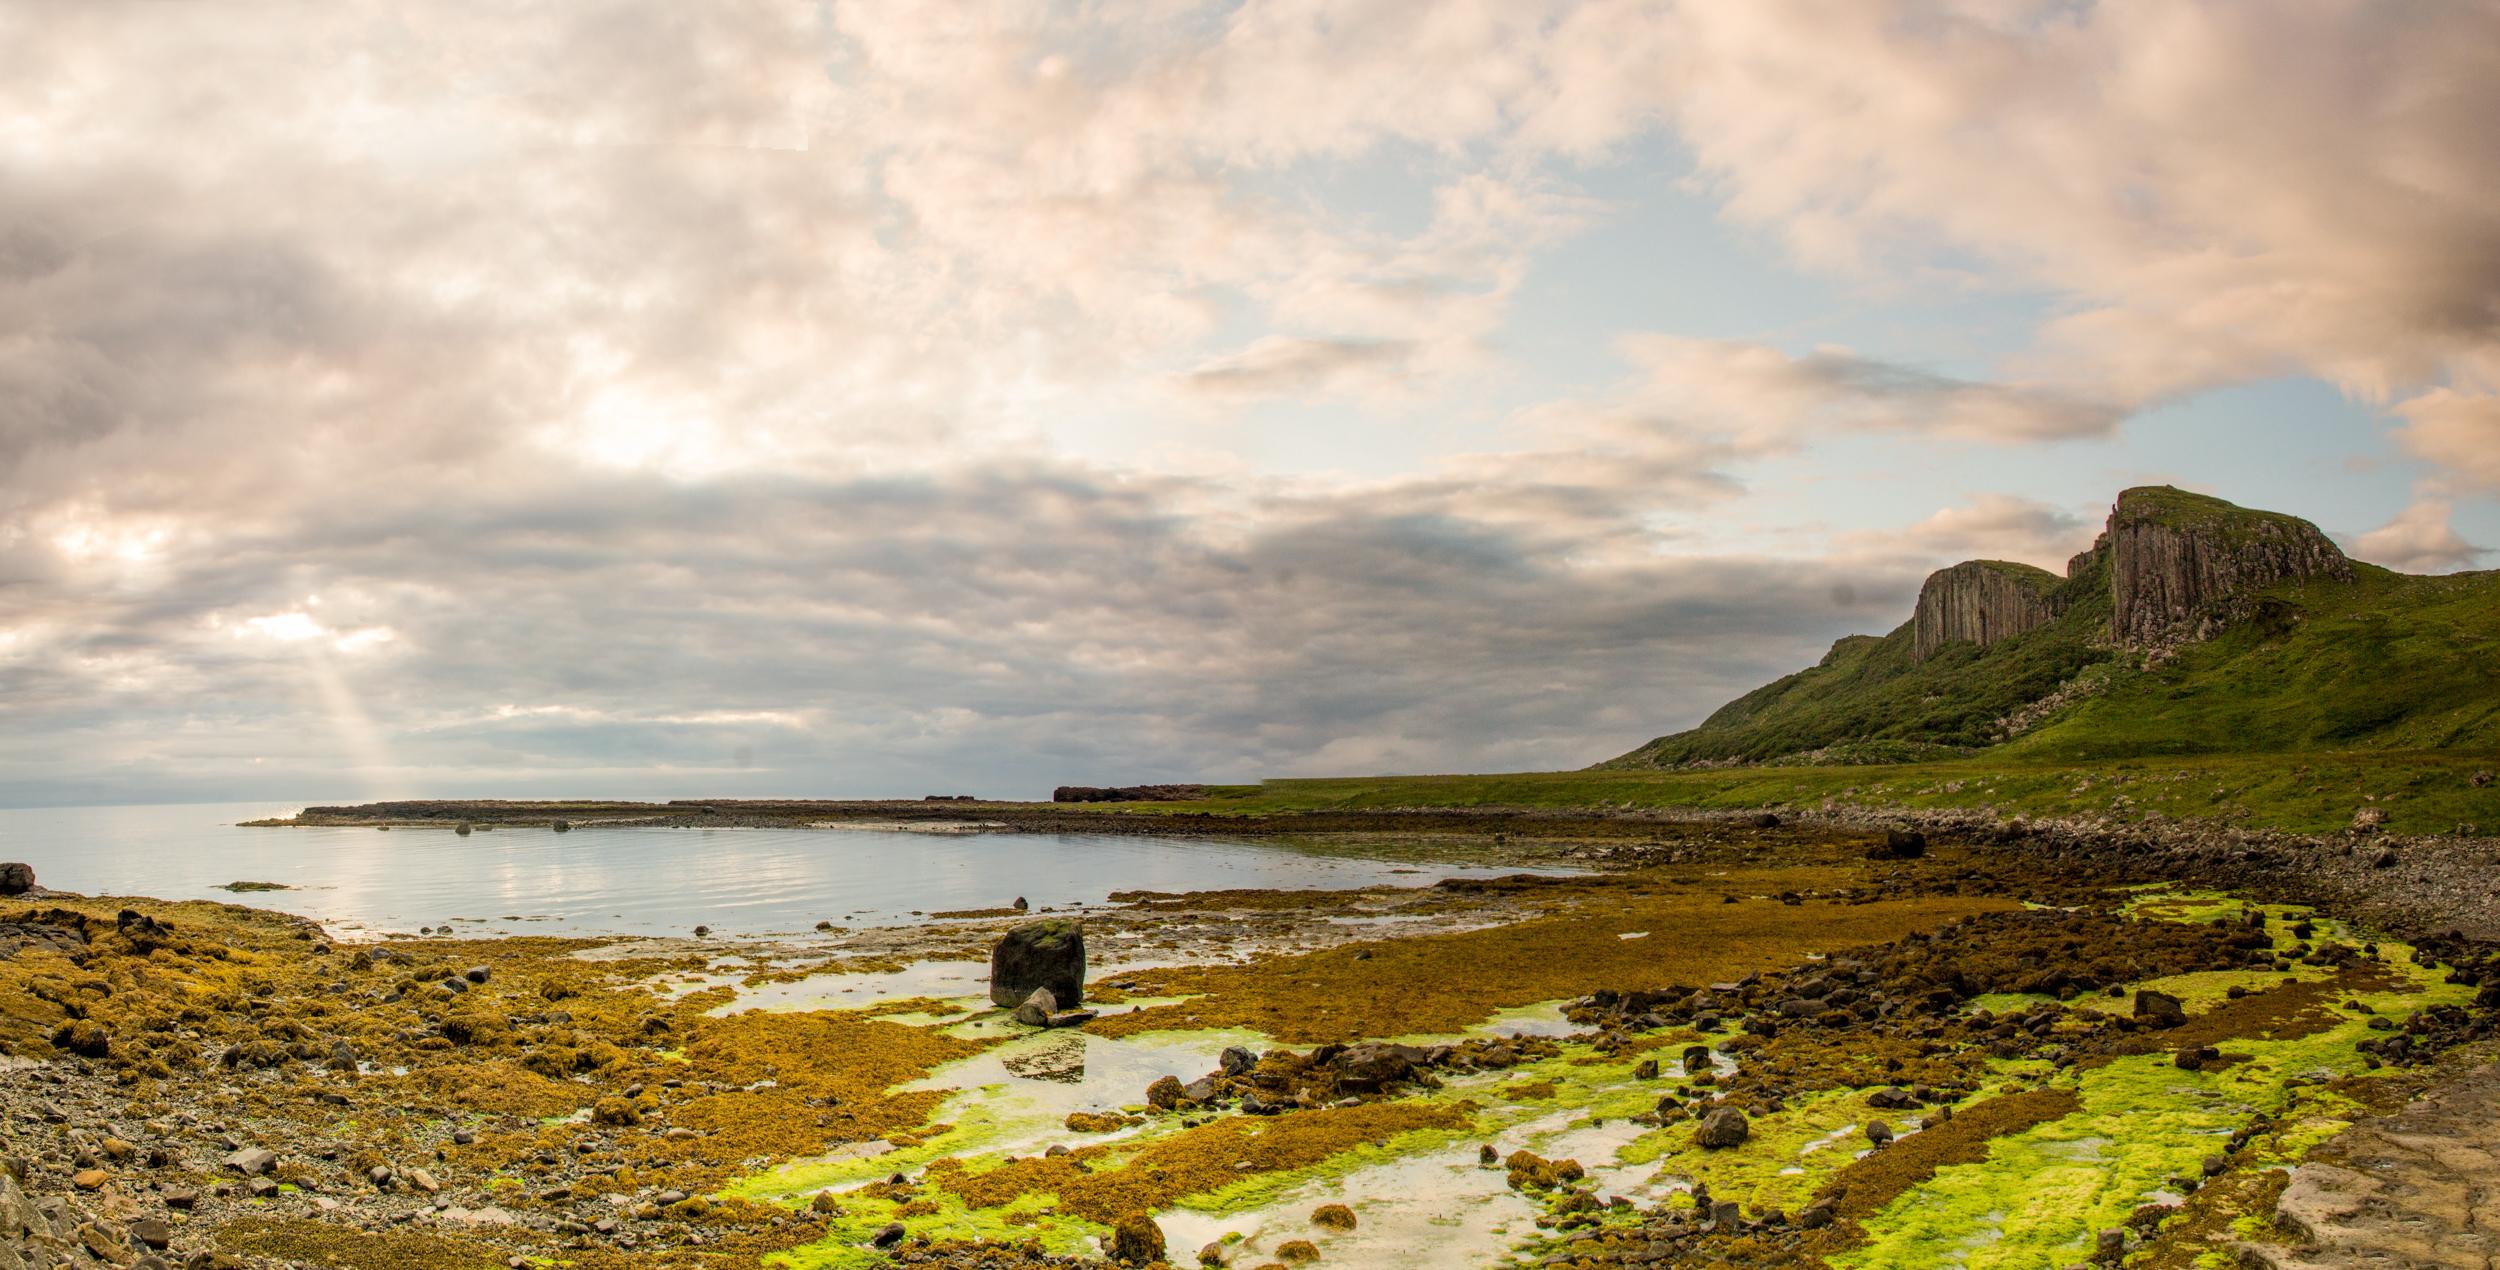 Staffin beach, Scotland